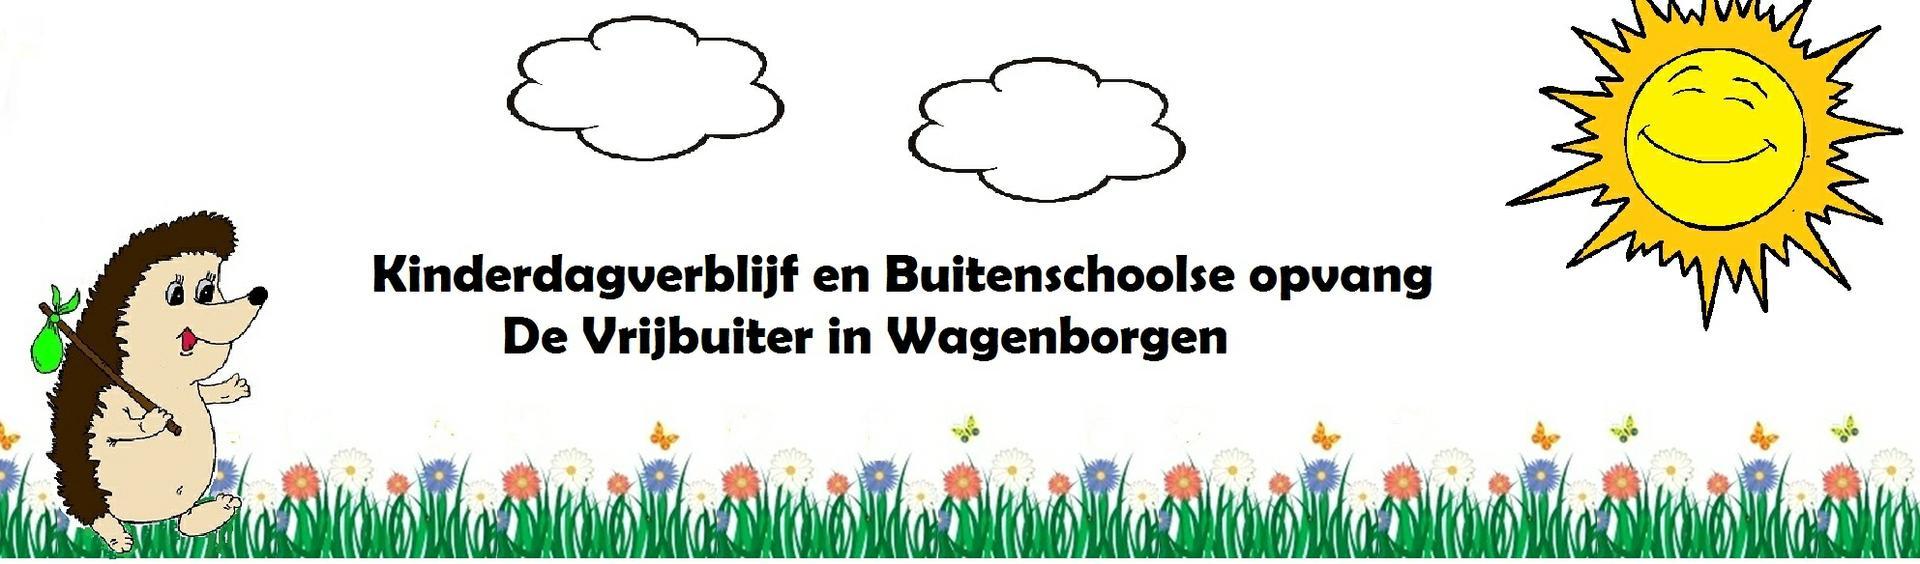 Kinderdagverblijf en Buitenschoolse opvang De Vrijbuiter Wagenborgen